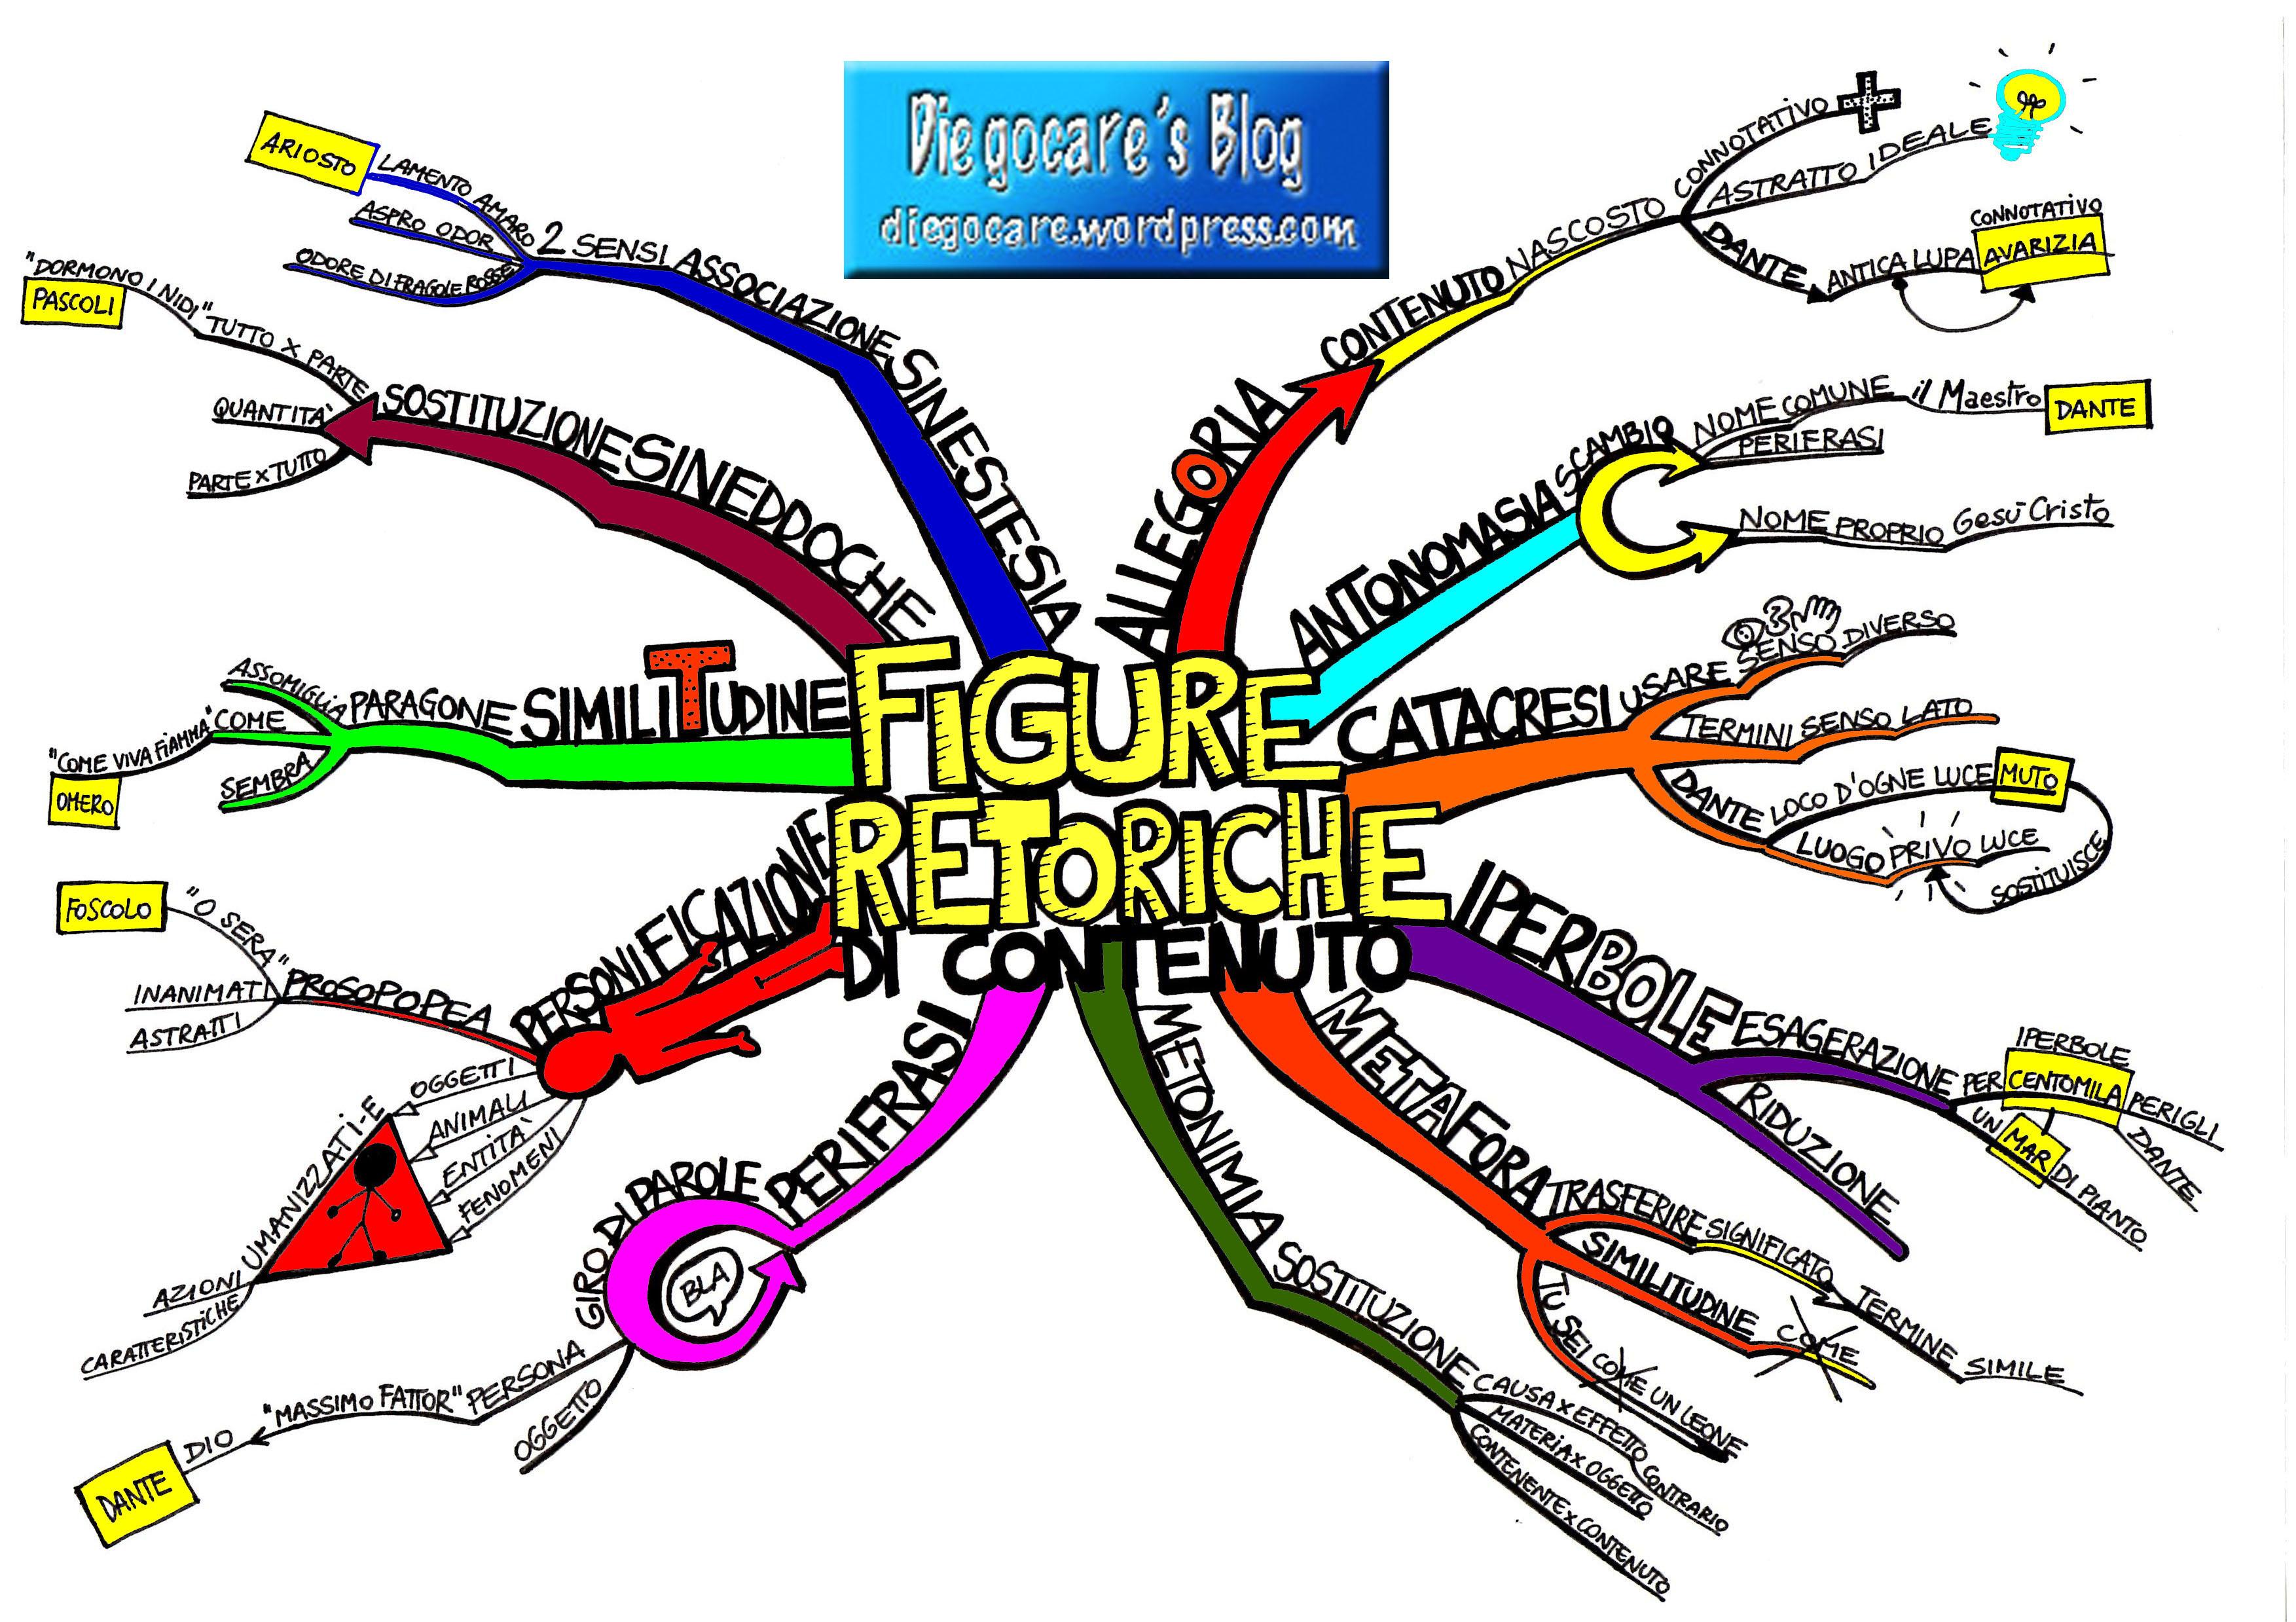 figure-retoriche-contenuto-colore_etichetta